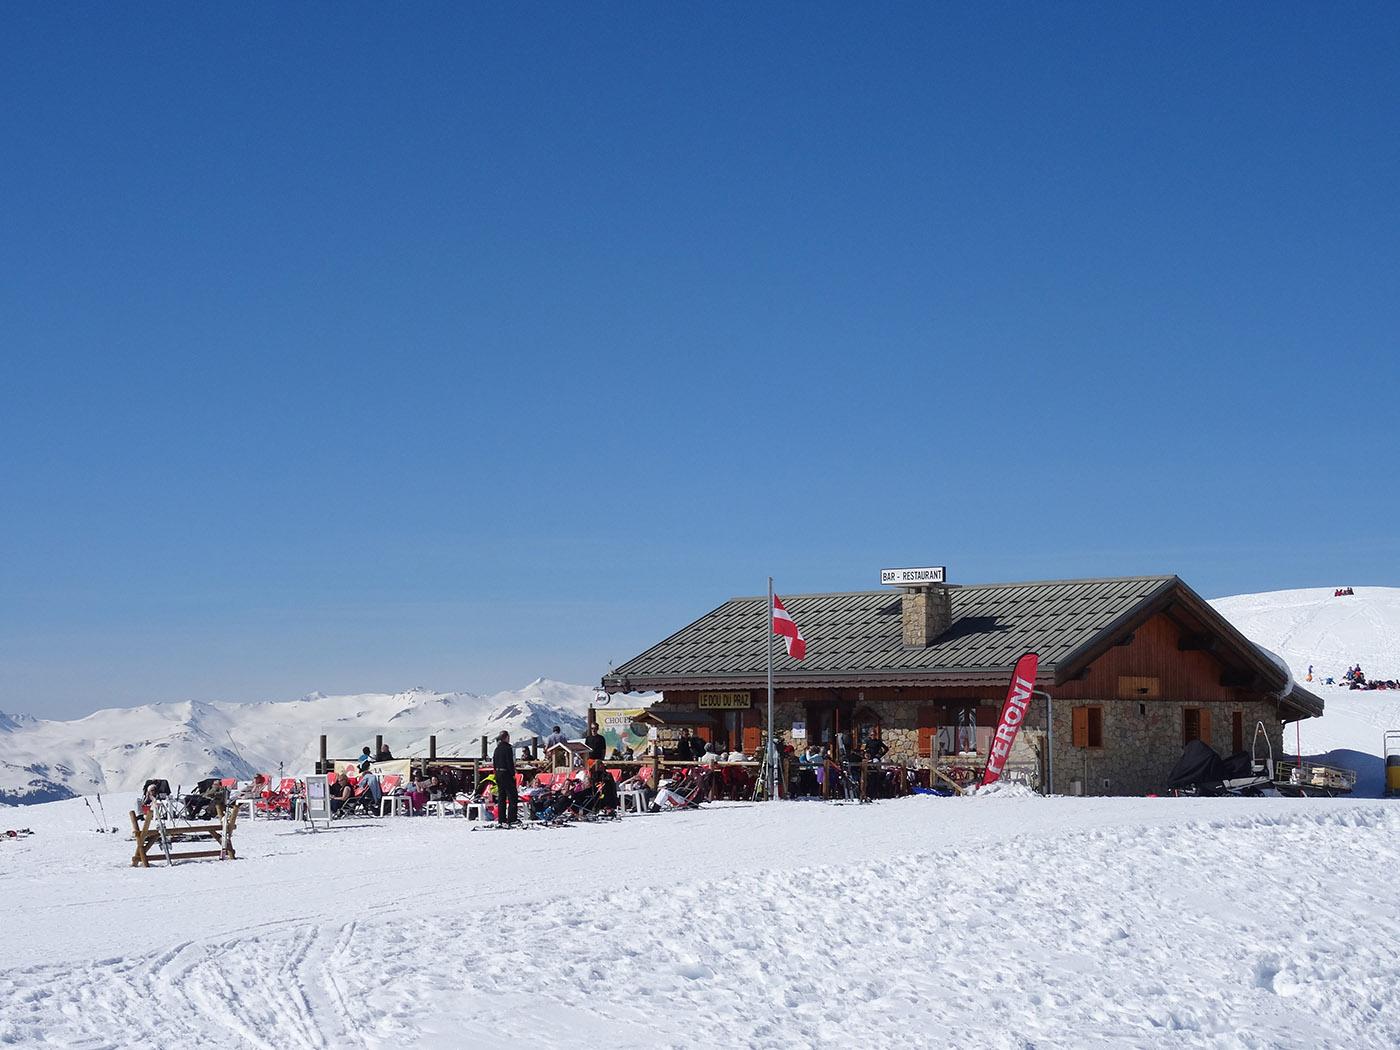 Restaurant altitude à la Plagne Soleil sur le domaine skiable Paradiski